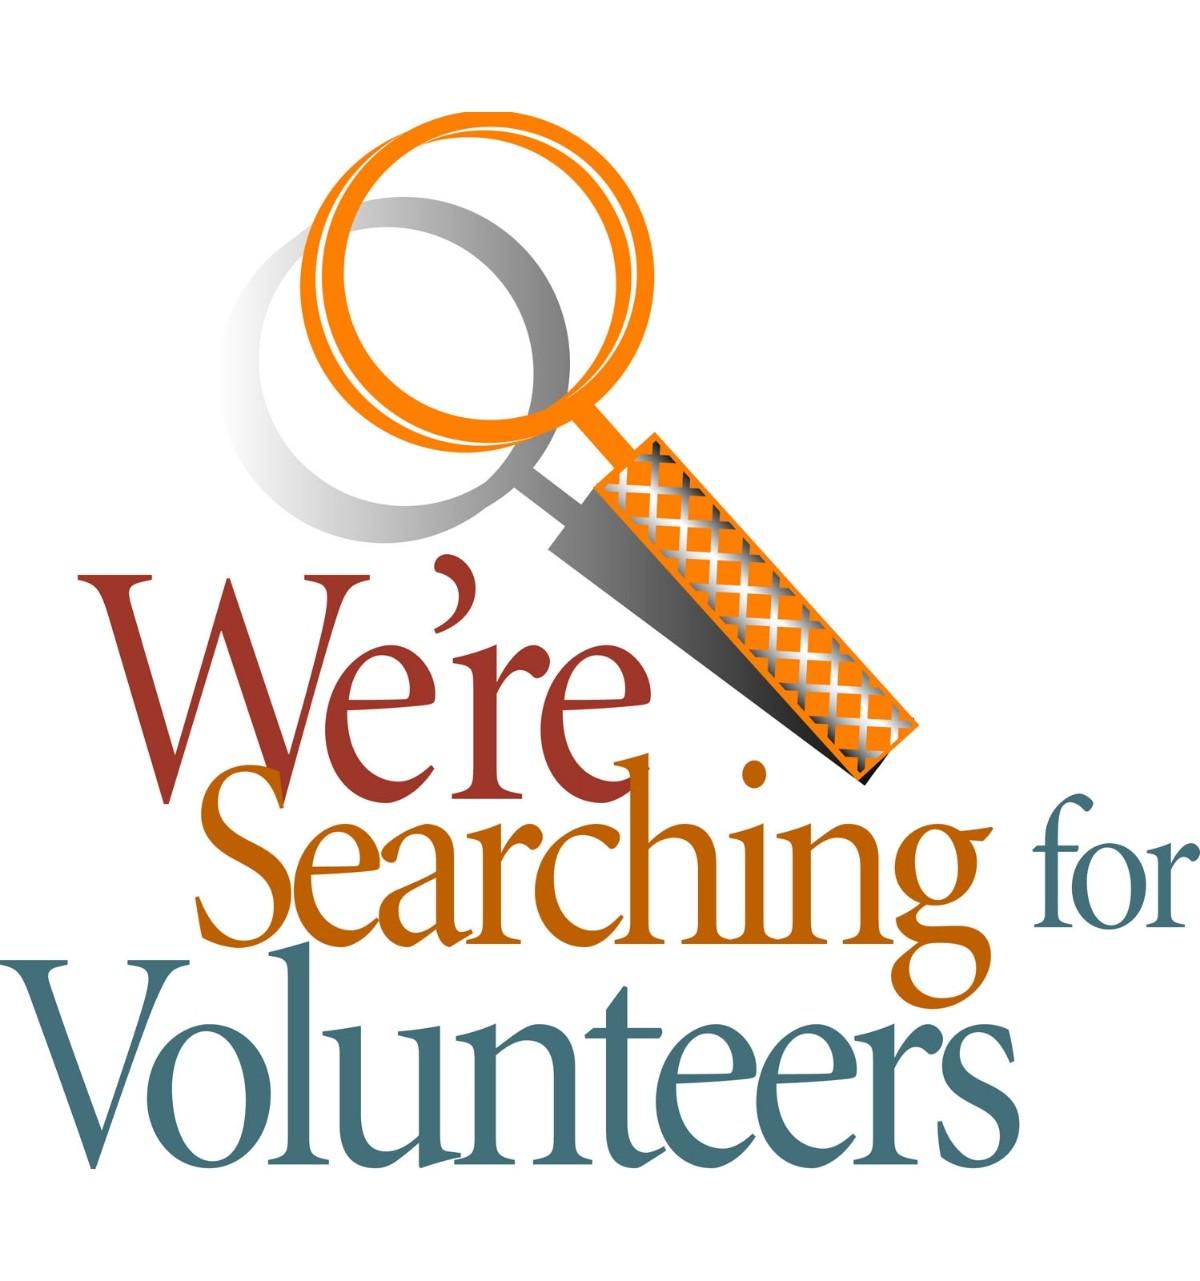 Volunteers_3.jpg